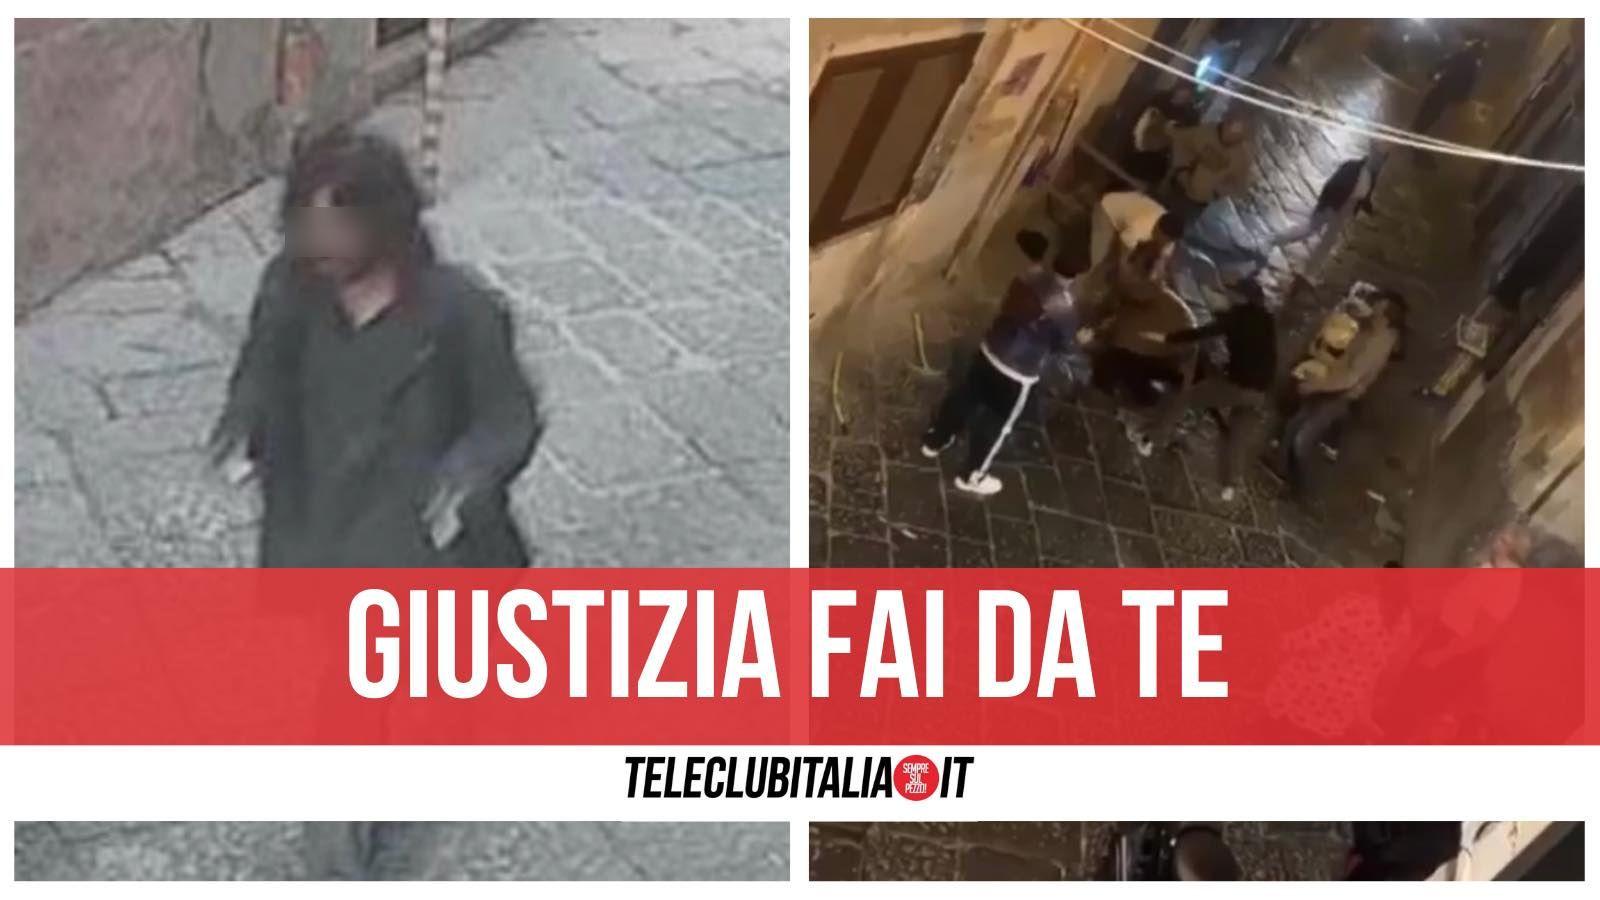 quartieri spagnoli napoli pestaggio ladro